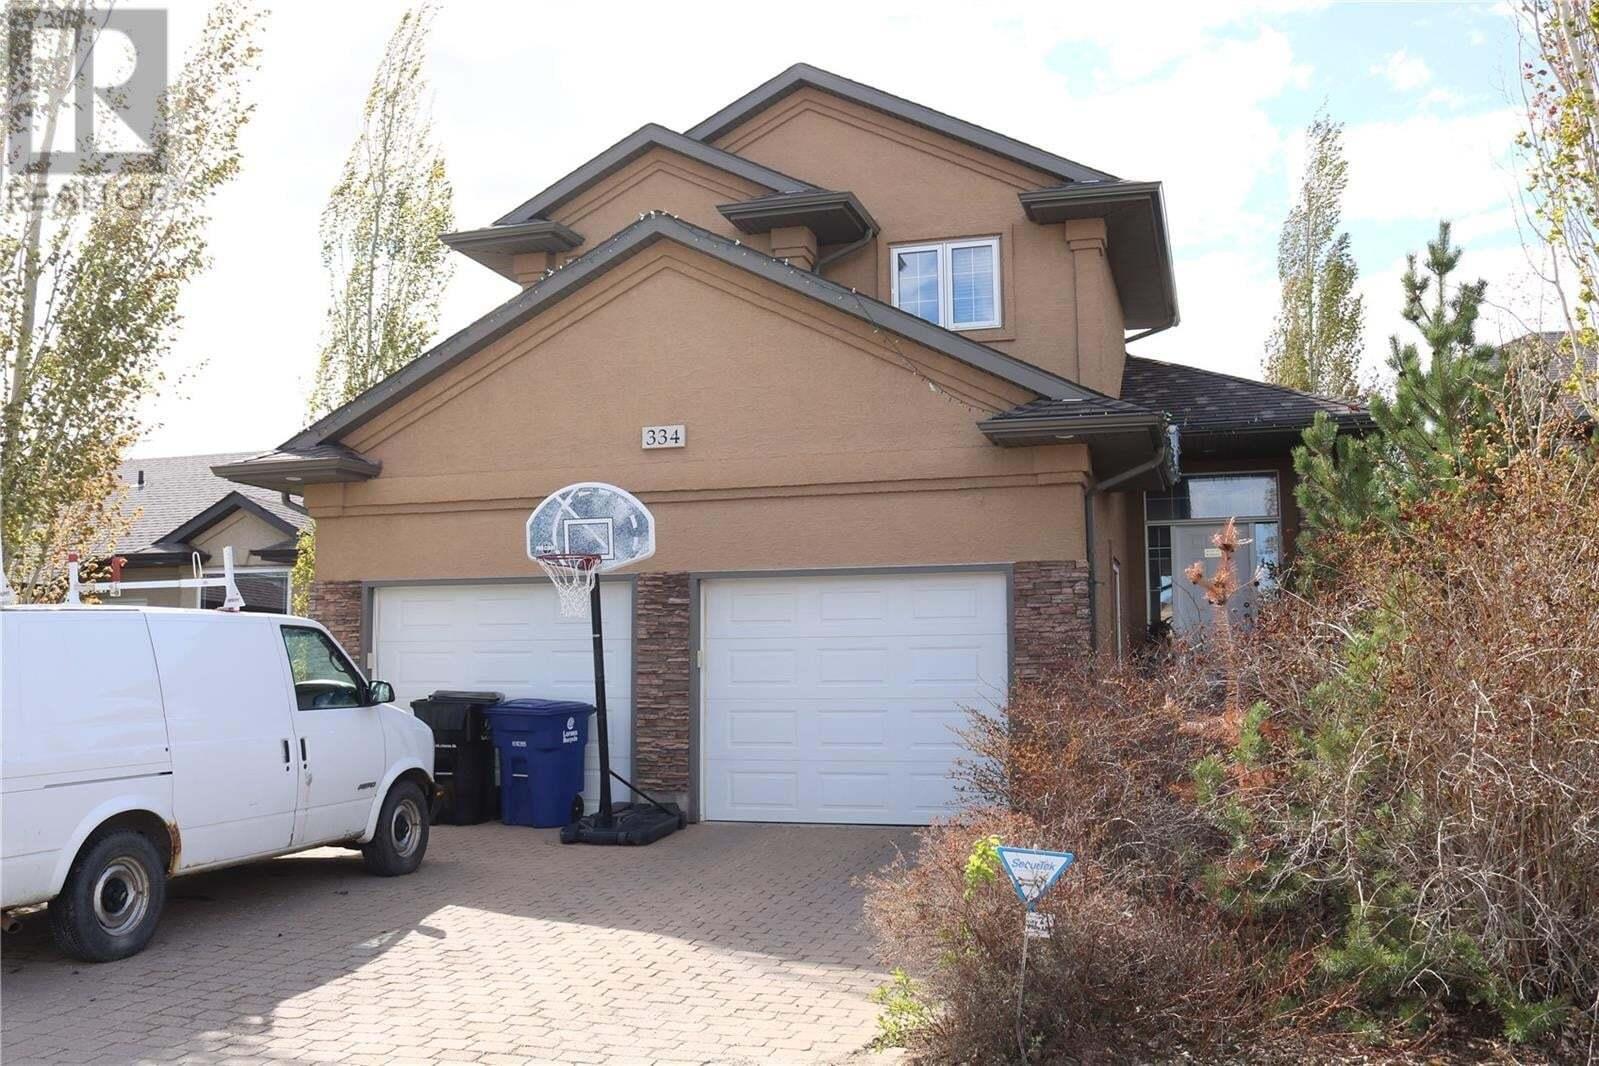 House for sale at 334 Mcintosh St Saskatoon Saskatchewan - MLS: SK809396